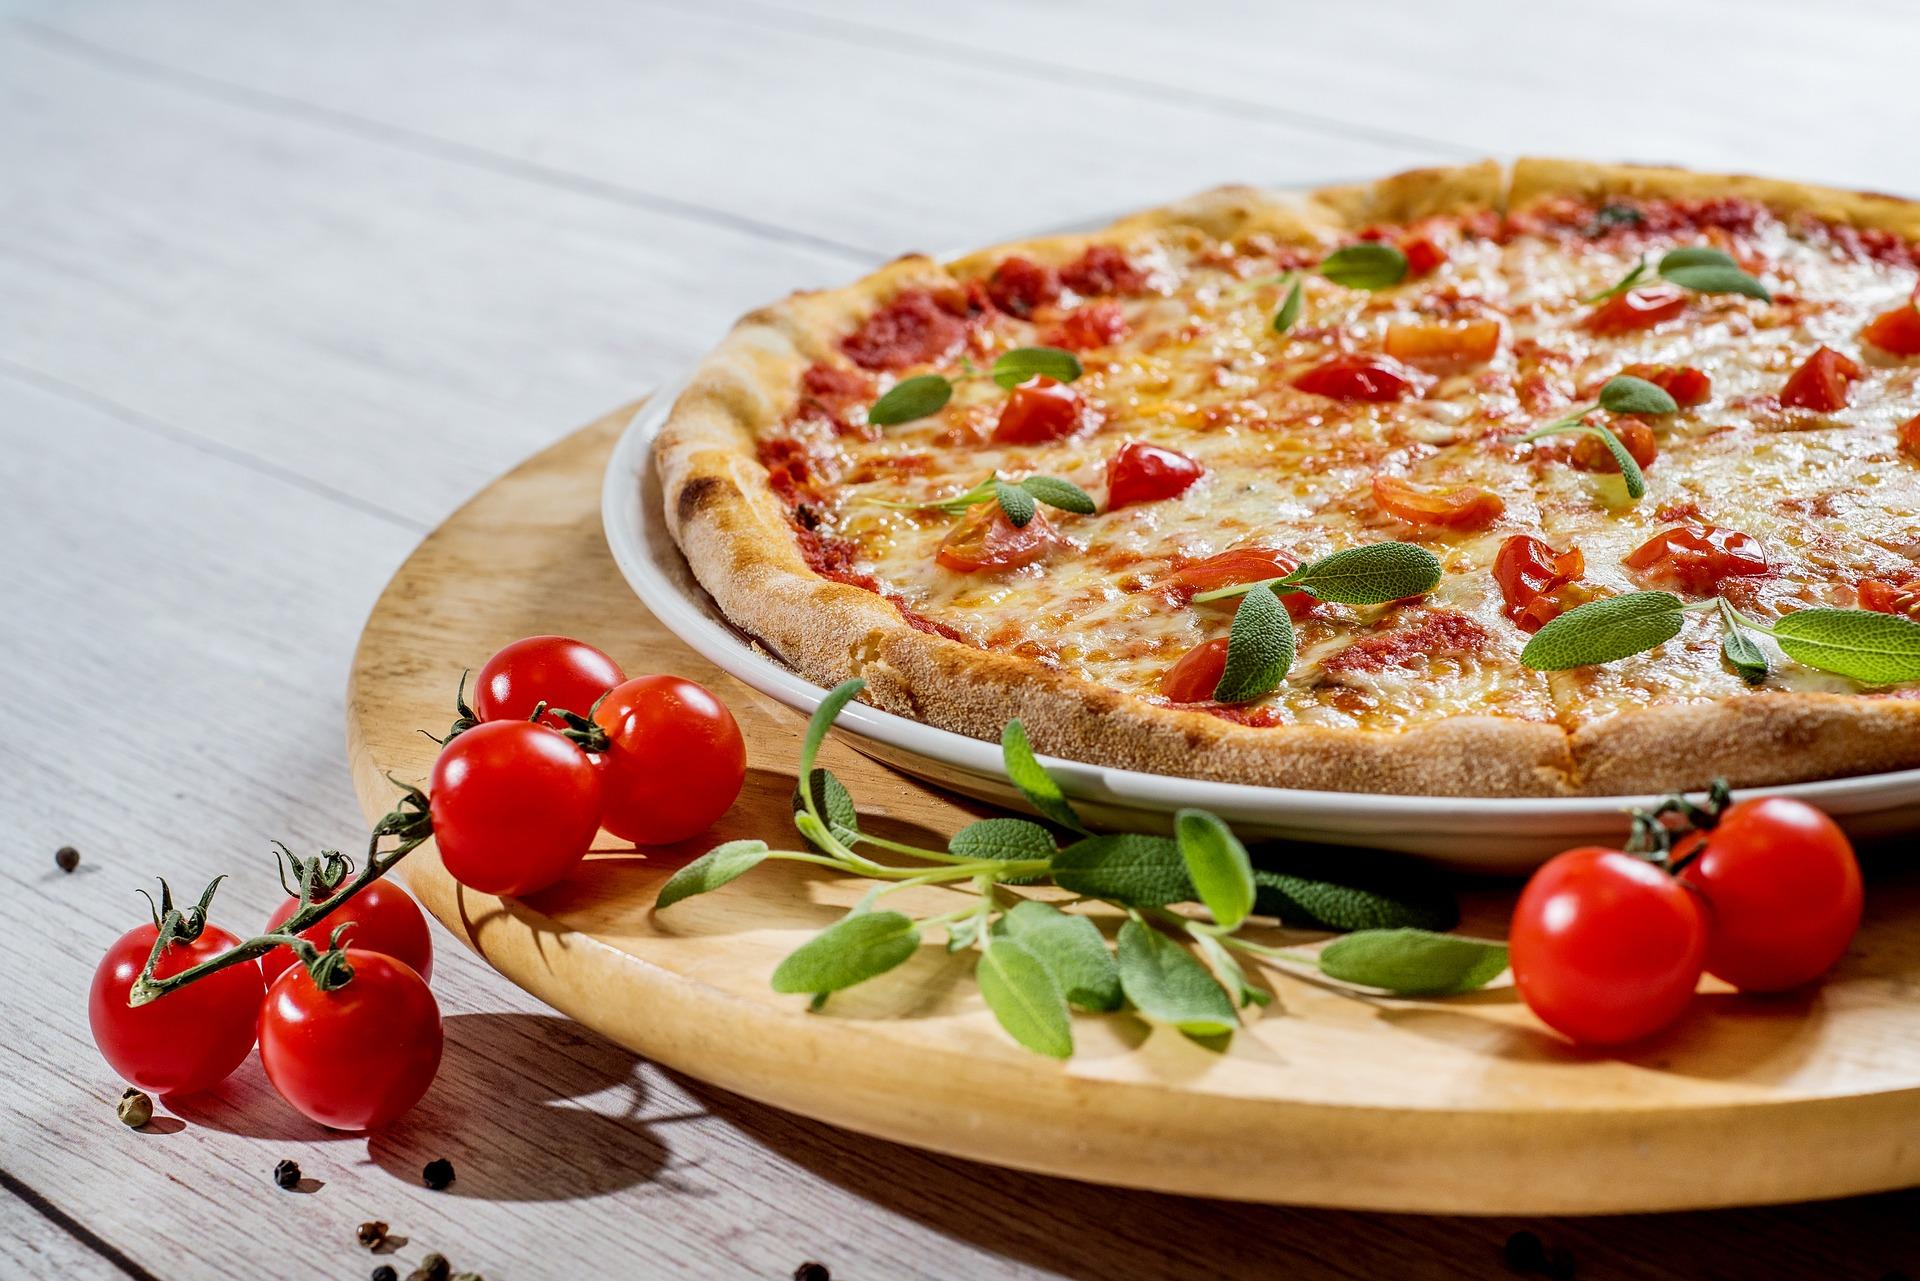 Wie bekomme ich Waren des täglichen Bedarfs? Wer liefert mir die Lieblingspizza noch bis zur Haustür? Und gibt es Betriebe, die mir jetzt noch meine Haushaltsgeräte reparieren? (Symbolfoto: pixabay)